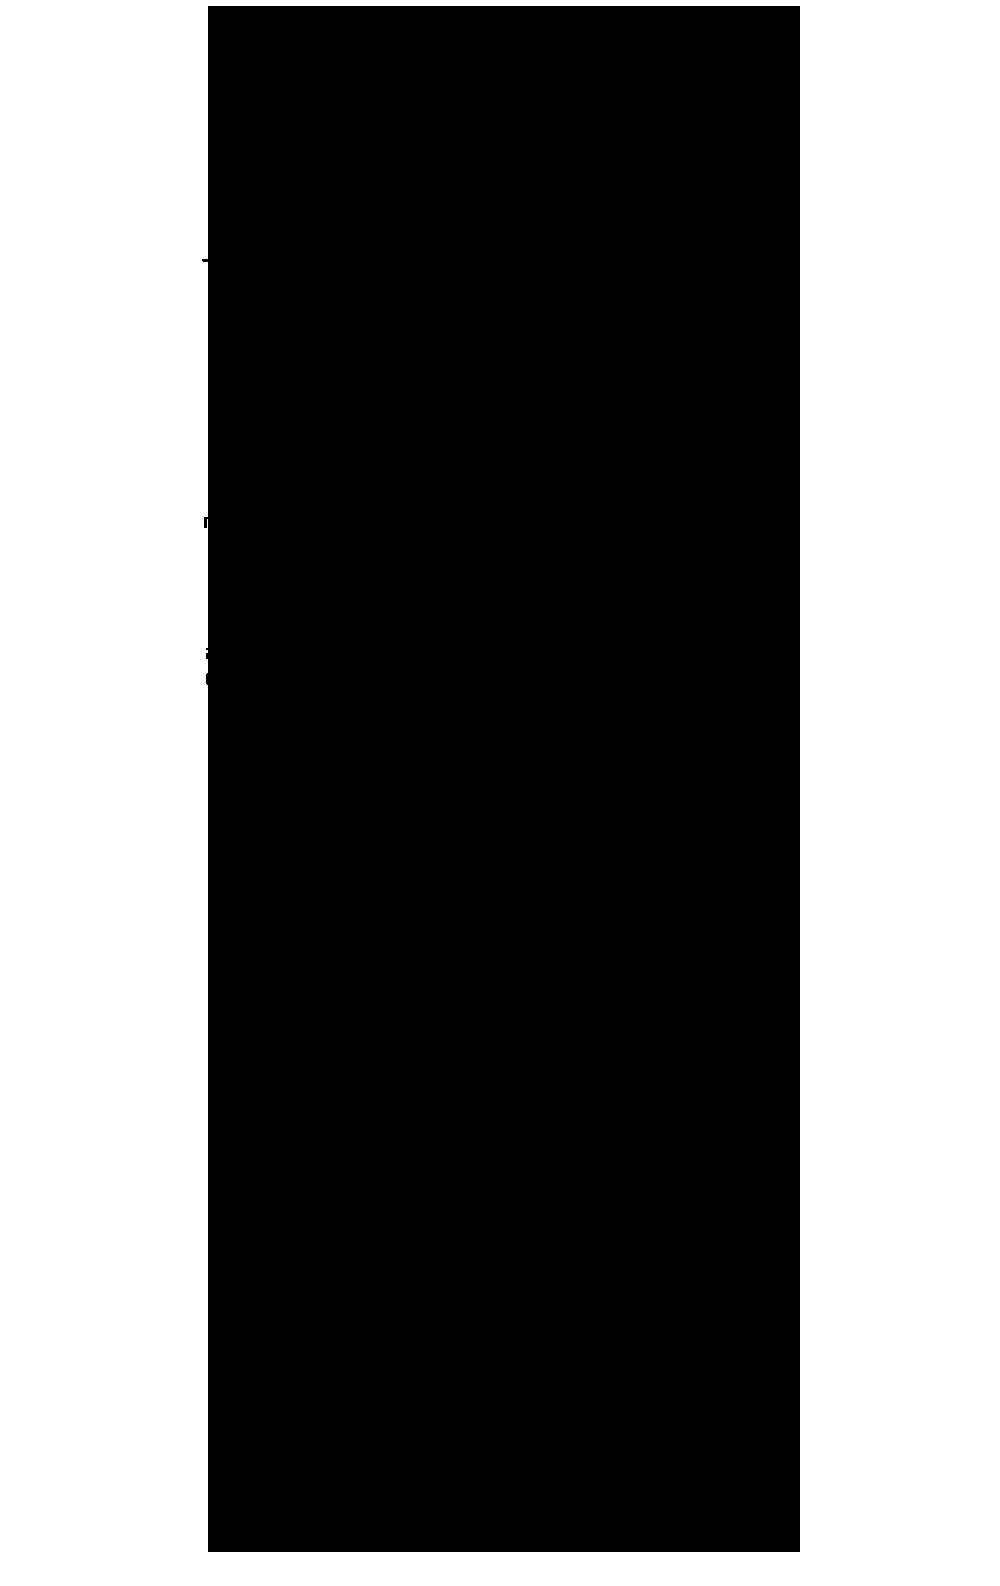 טקסט של אברמוביץ' משה